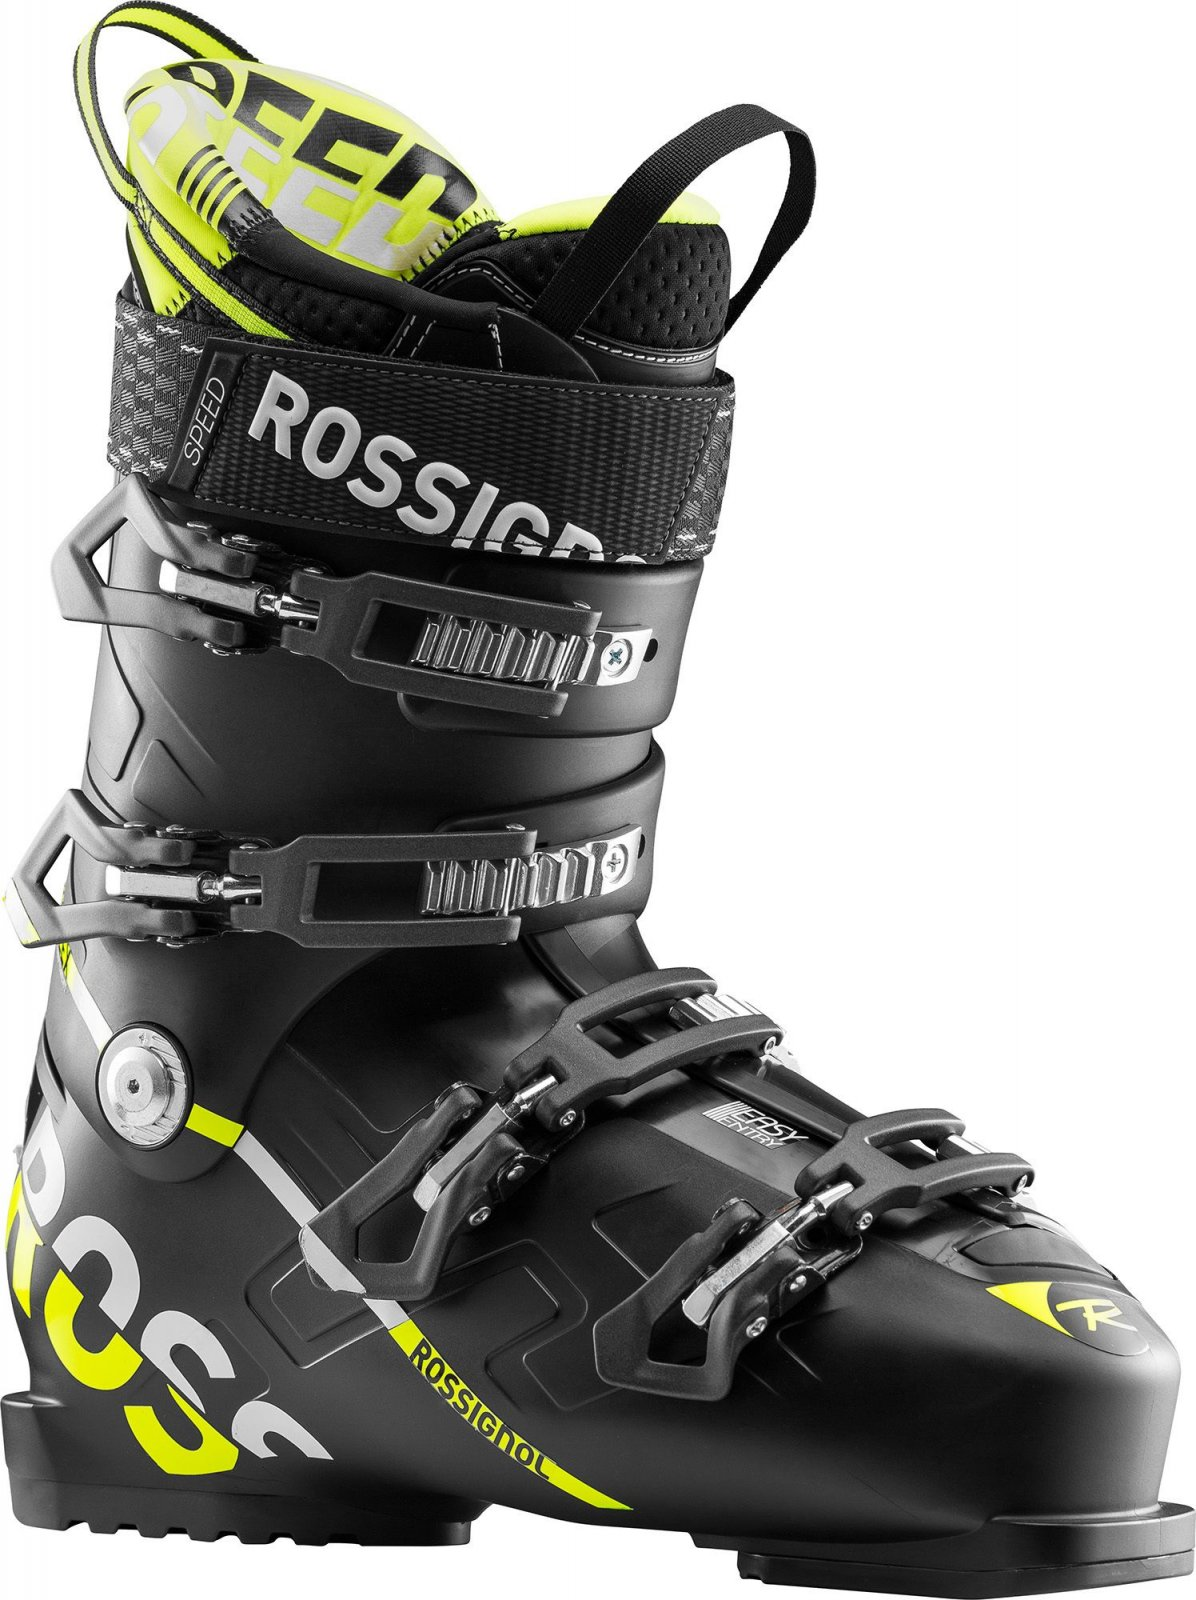 Rossignol Speed 100 Ski Boots 2019 - Size 26.5